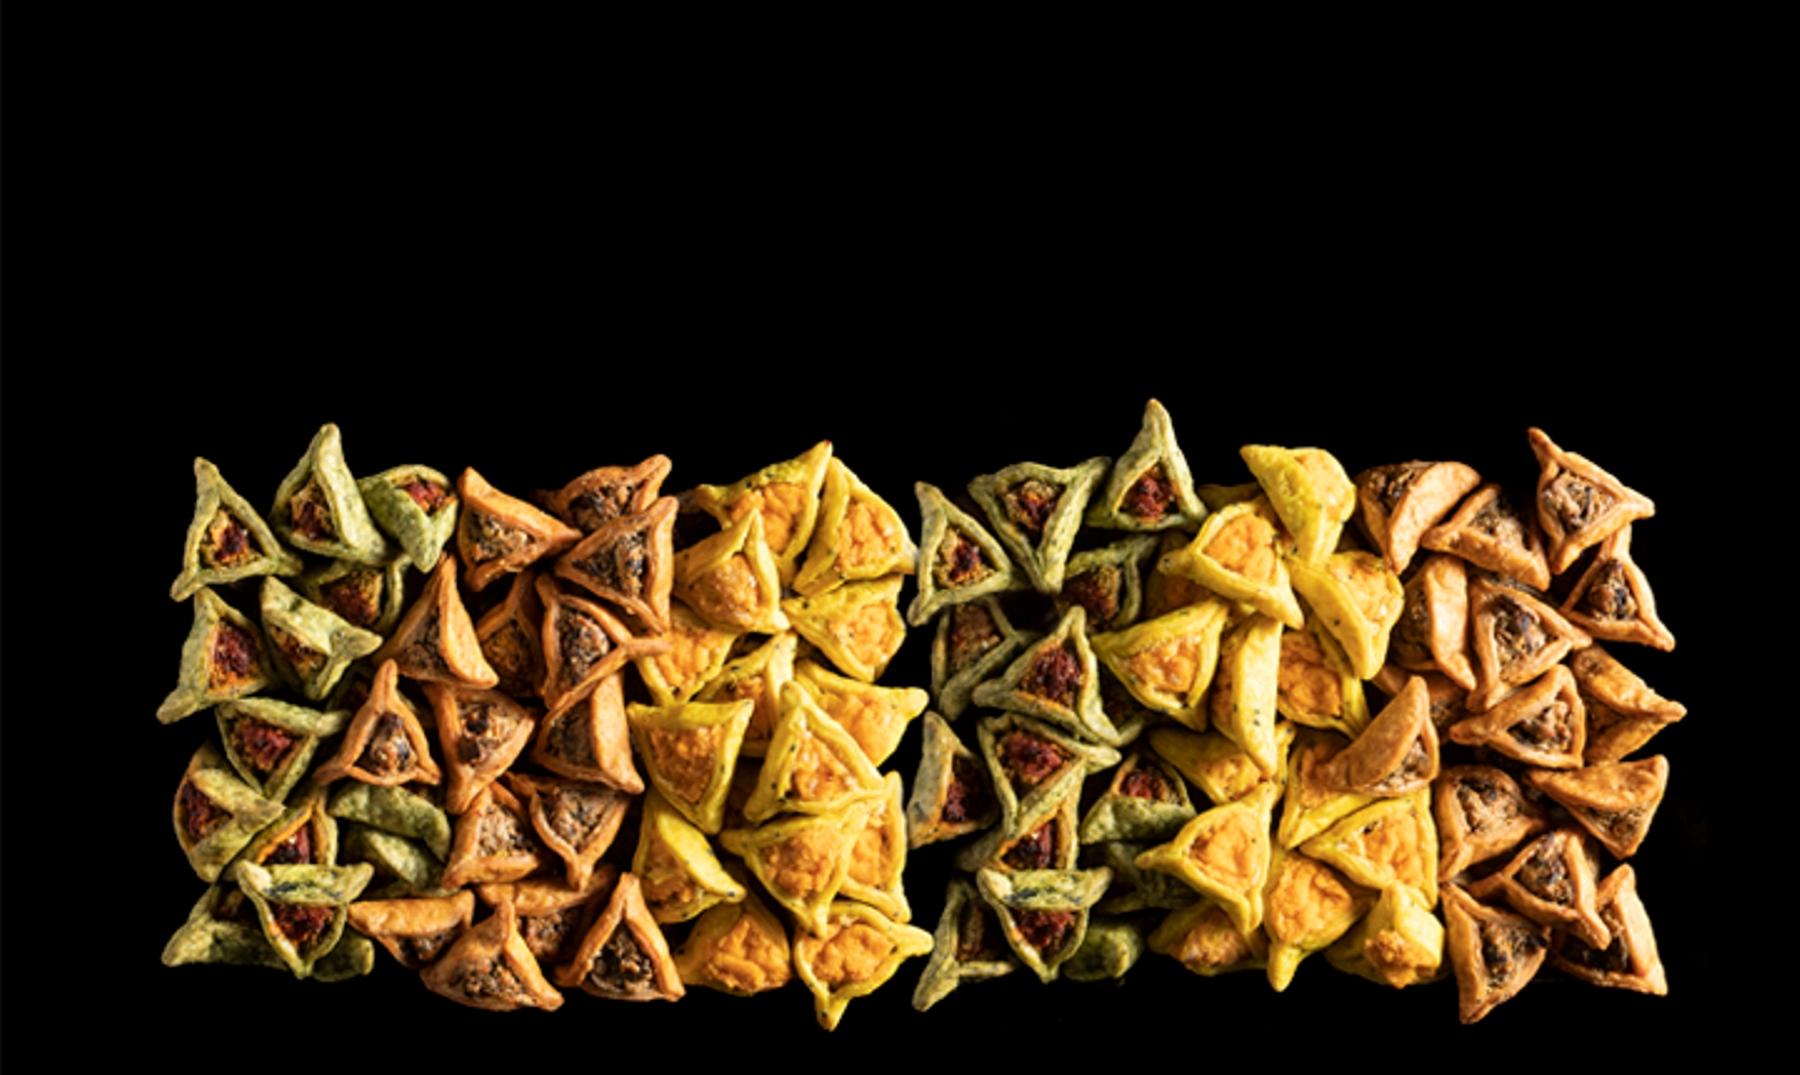 אוזני המן מלוחות של מונייר (צילום: דניאל לילה)